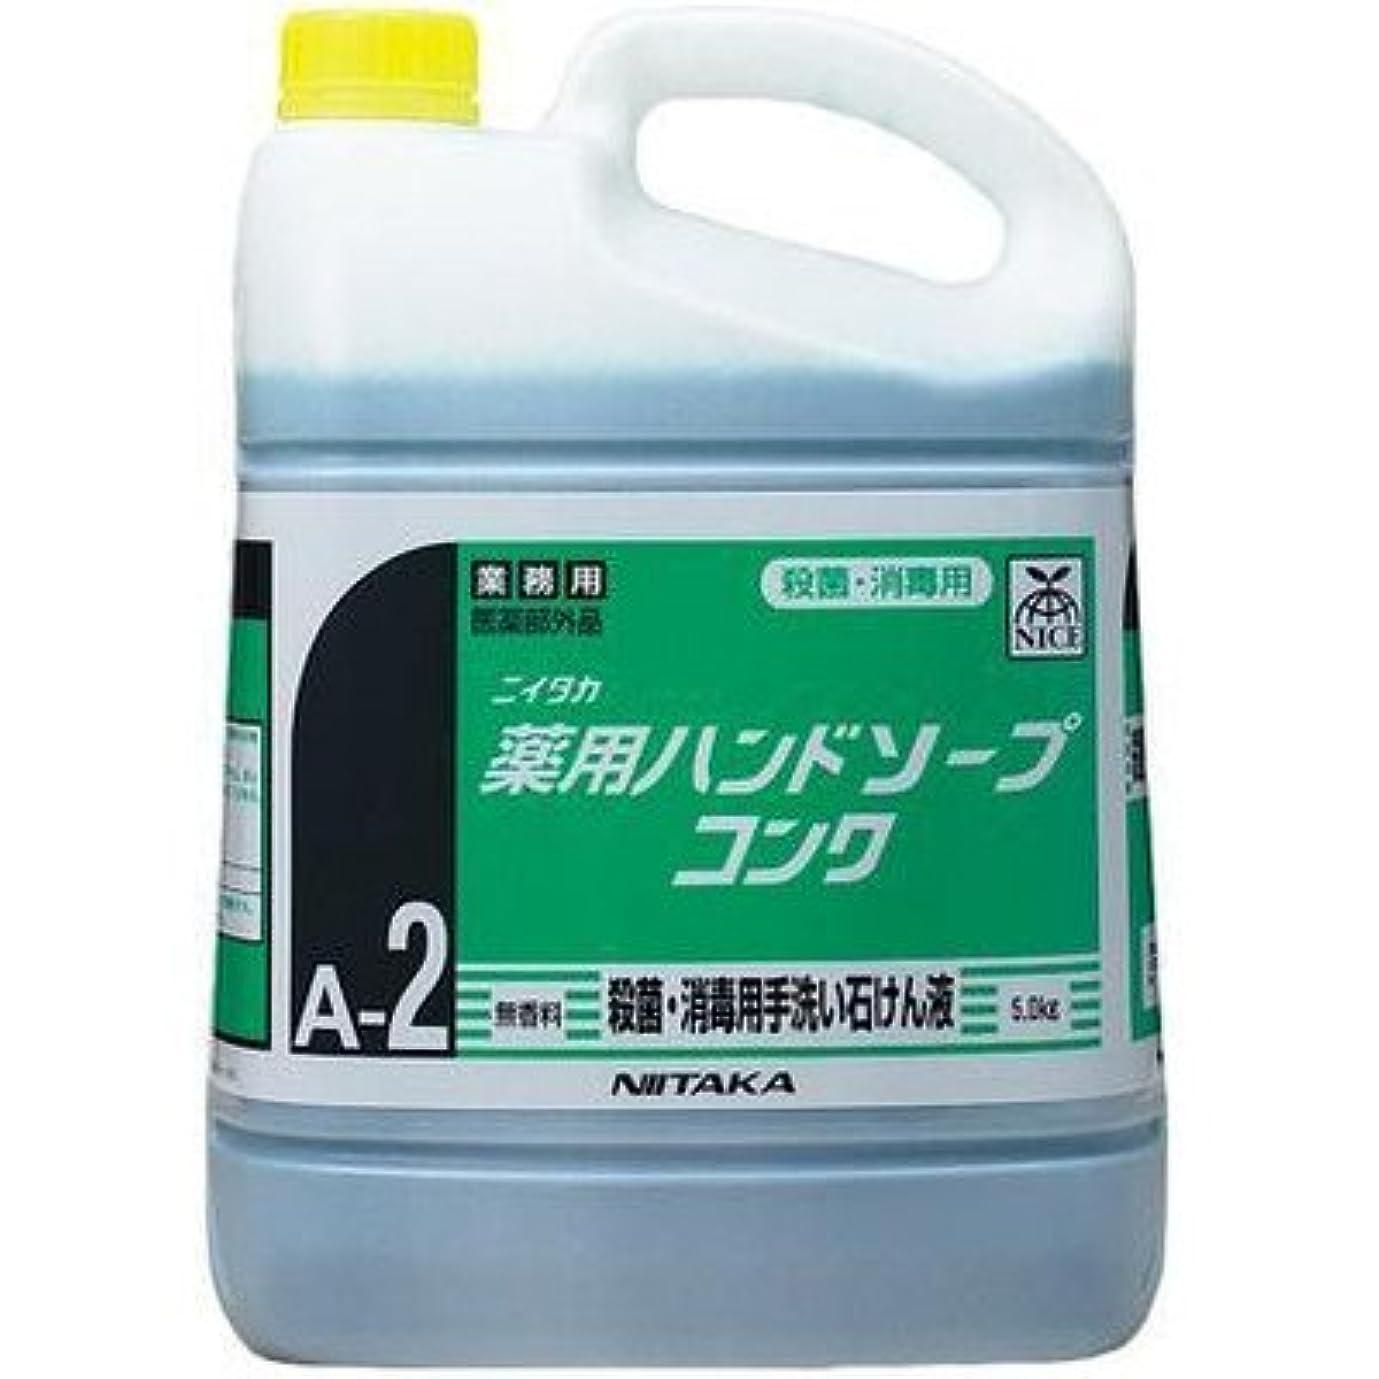 バトル関連付ける追跡ニイタカ 業務用手洗い石けん液 薬用ハンドソープコンク(A-2) 5kg×3本